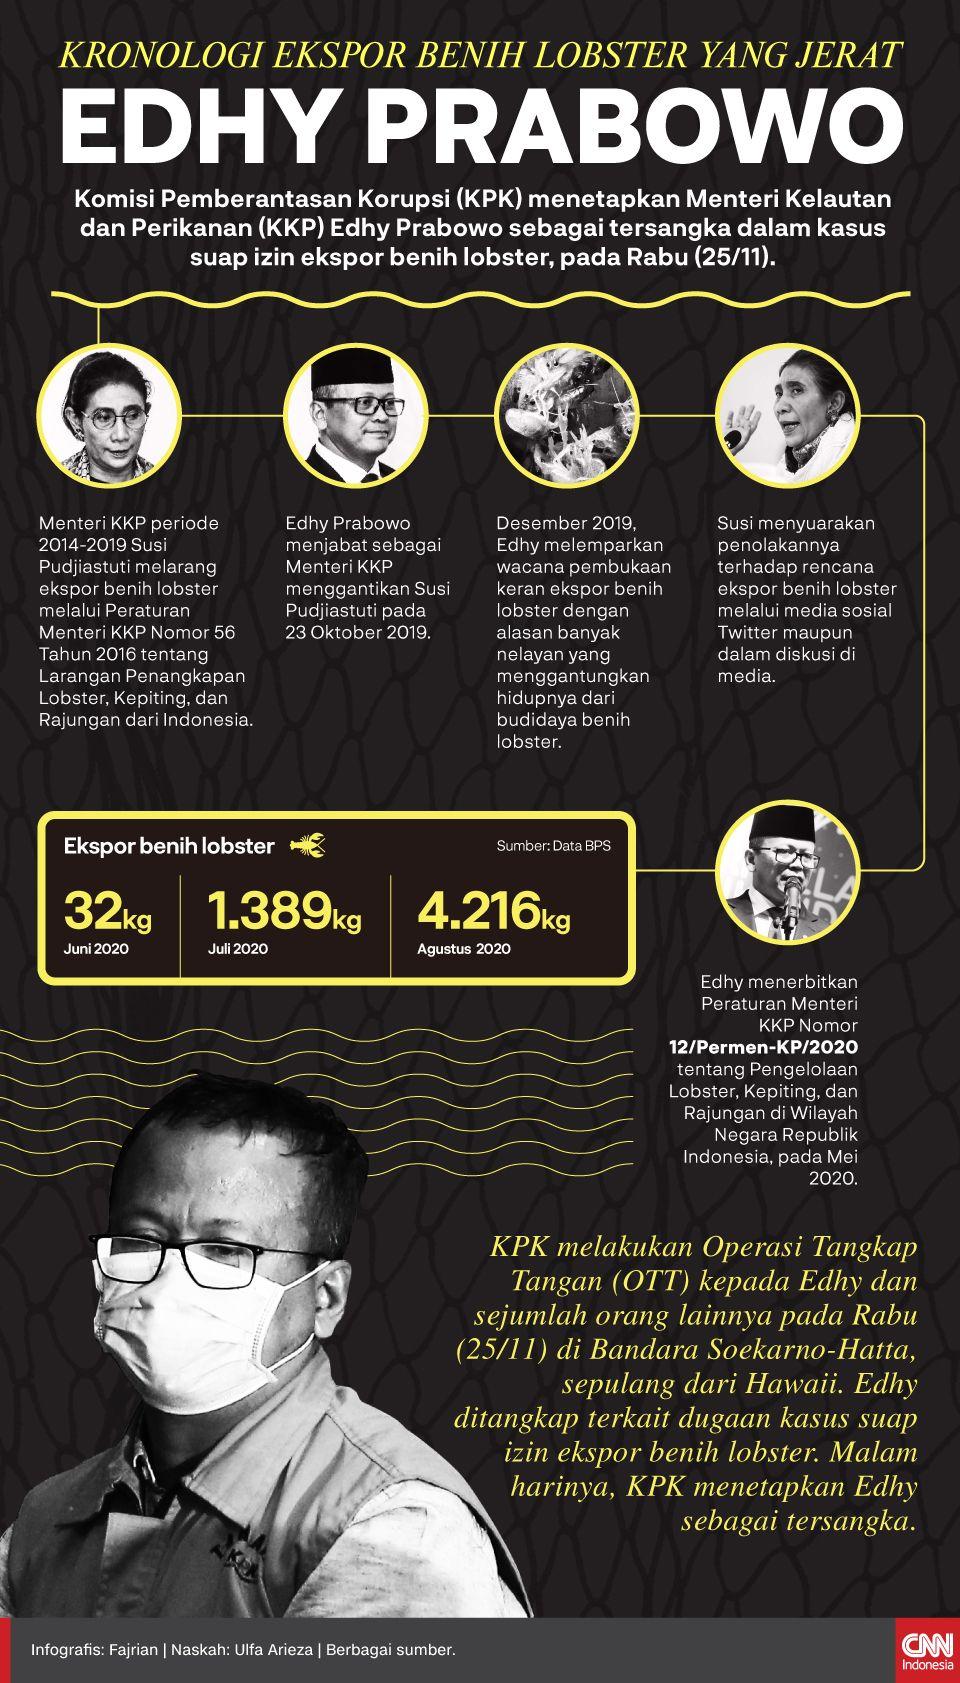 Infografis Kronologi Ekspor Benih Lobster yang jerat Edhy Prabowo